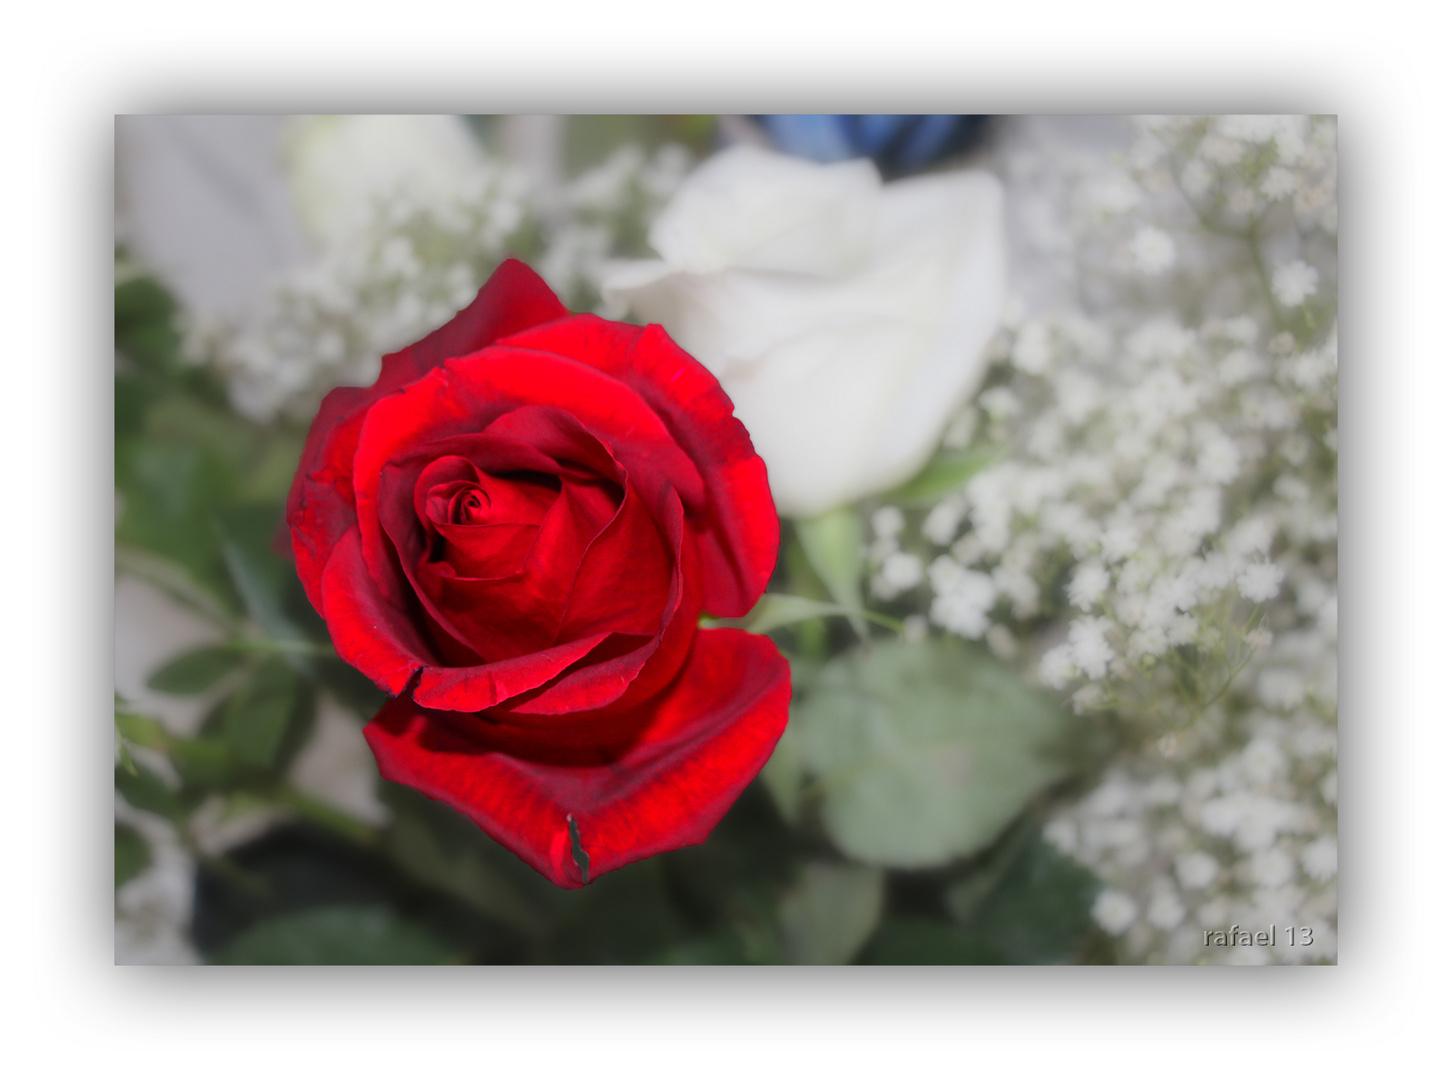 Abundando en la rosa